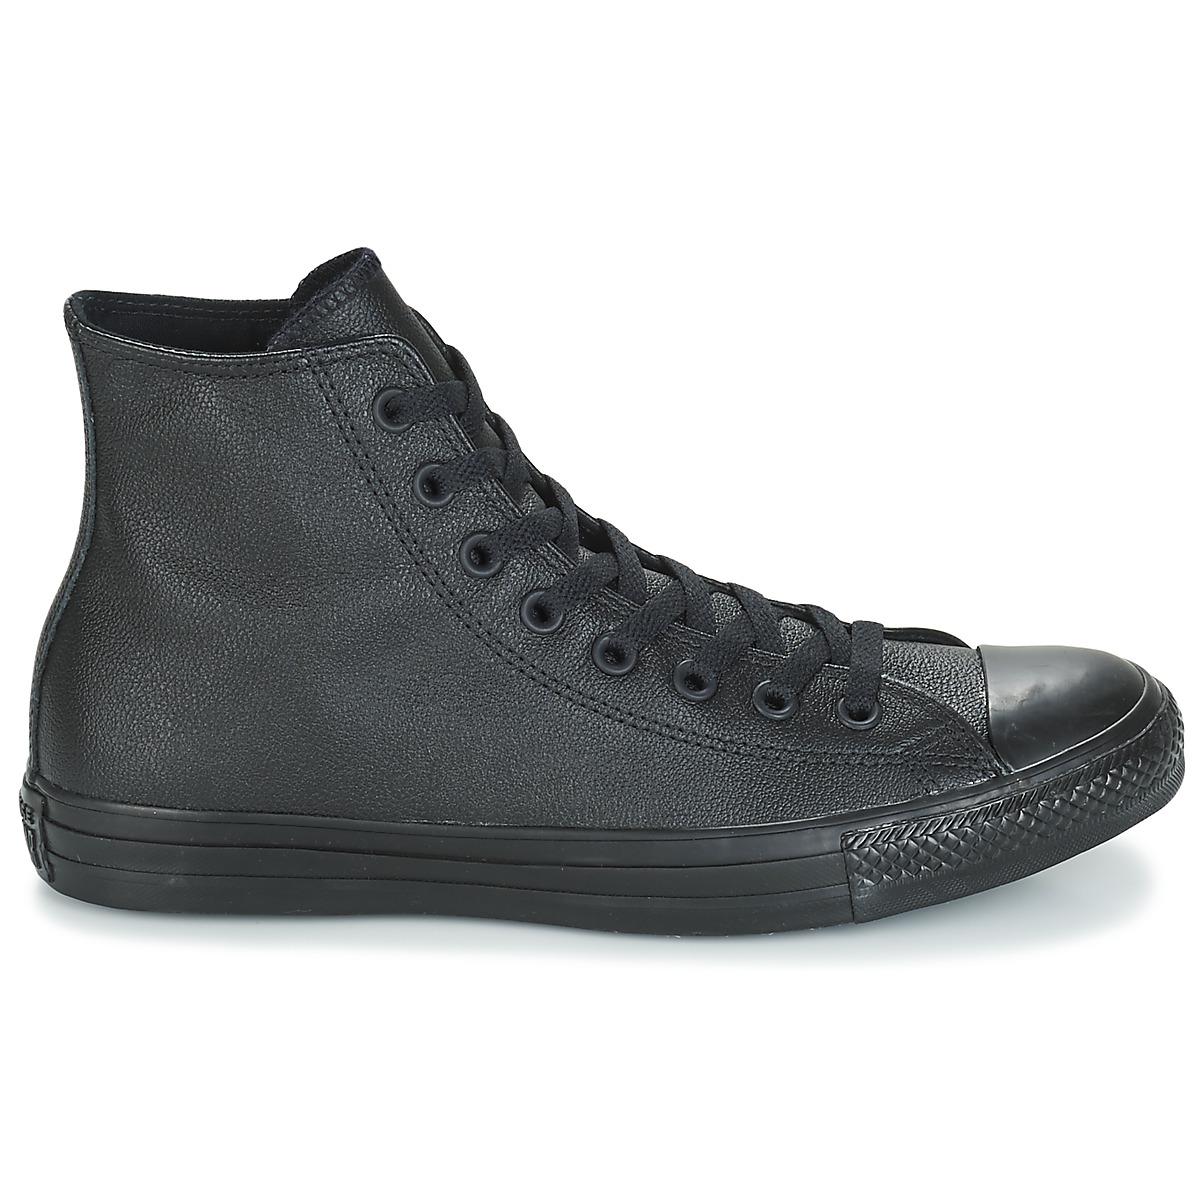 Sneakers alte uomo Converse CHUCK TAYLOR ALL STAR MONO HI Nero